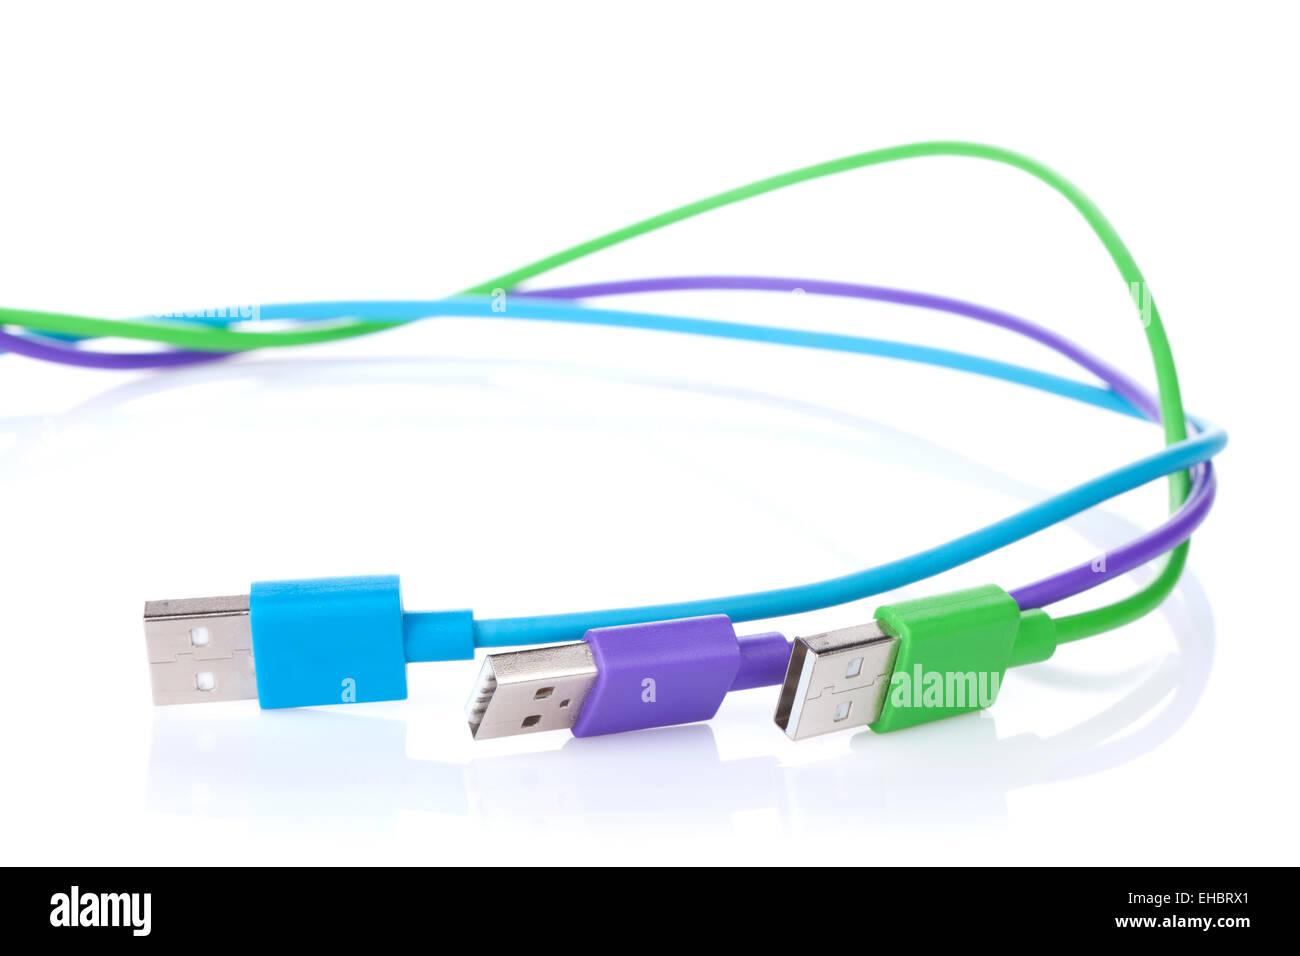 Ziemlich Coole Computerkabel Bilder - Elektrische Schaltplan-Ideen ...